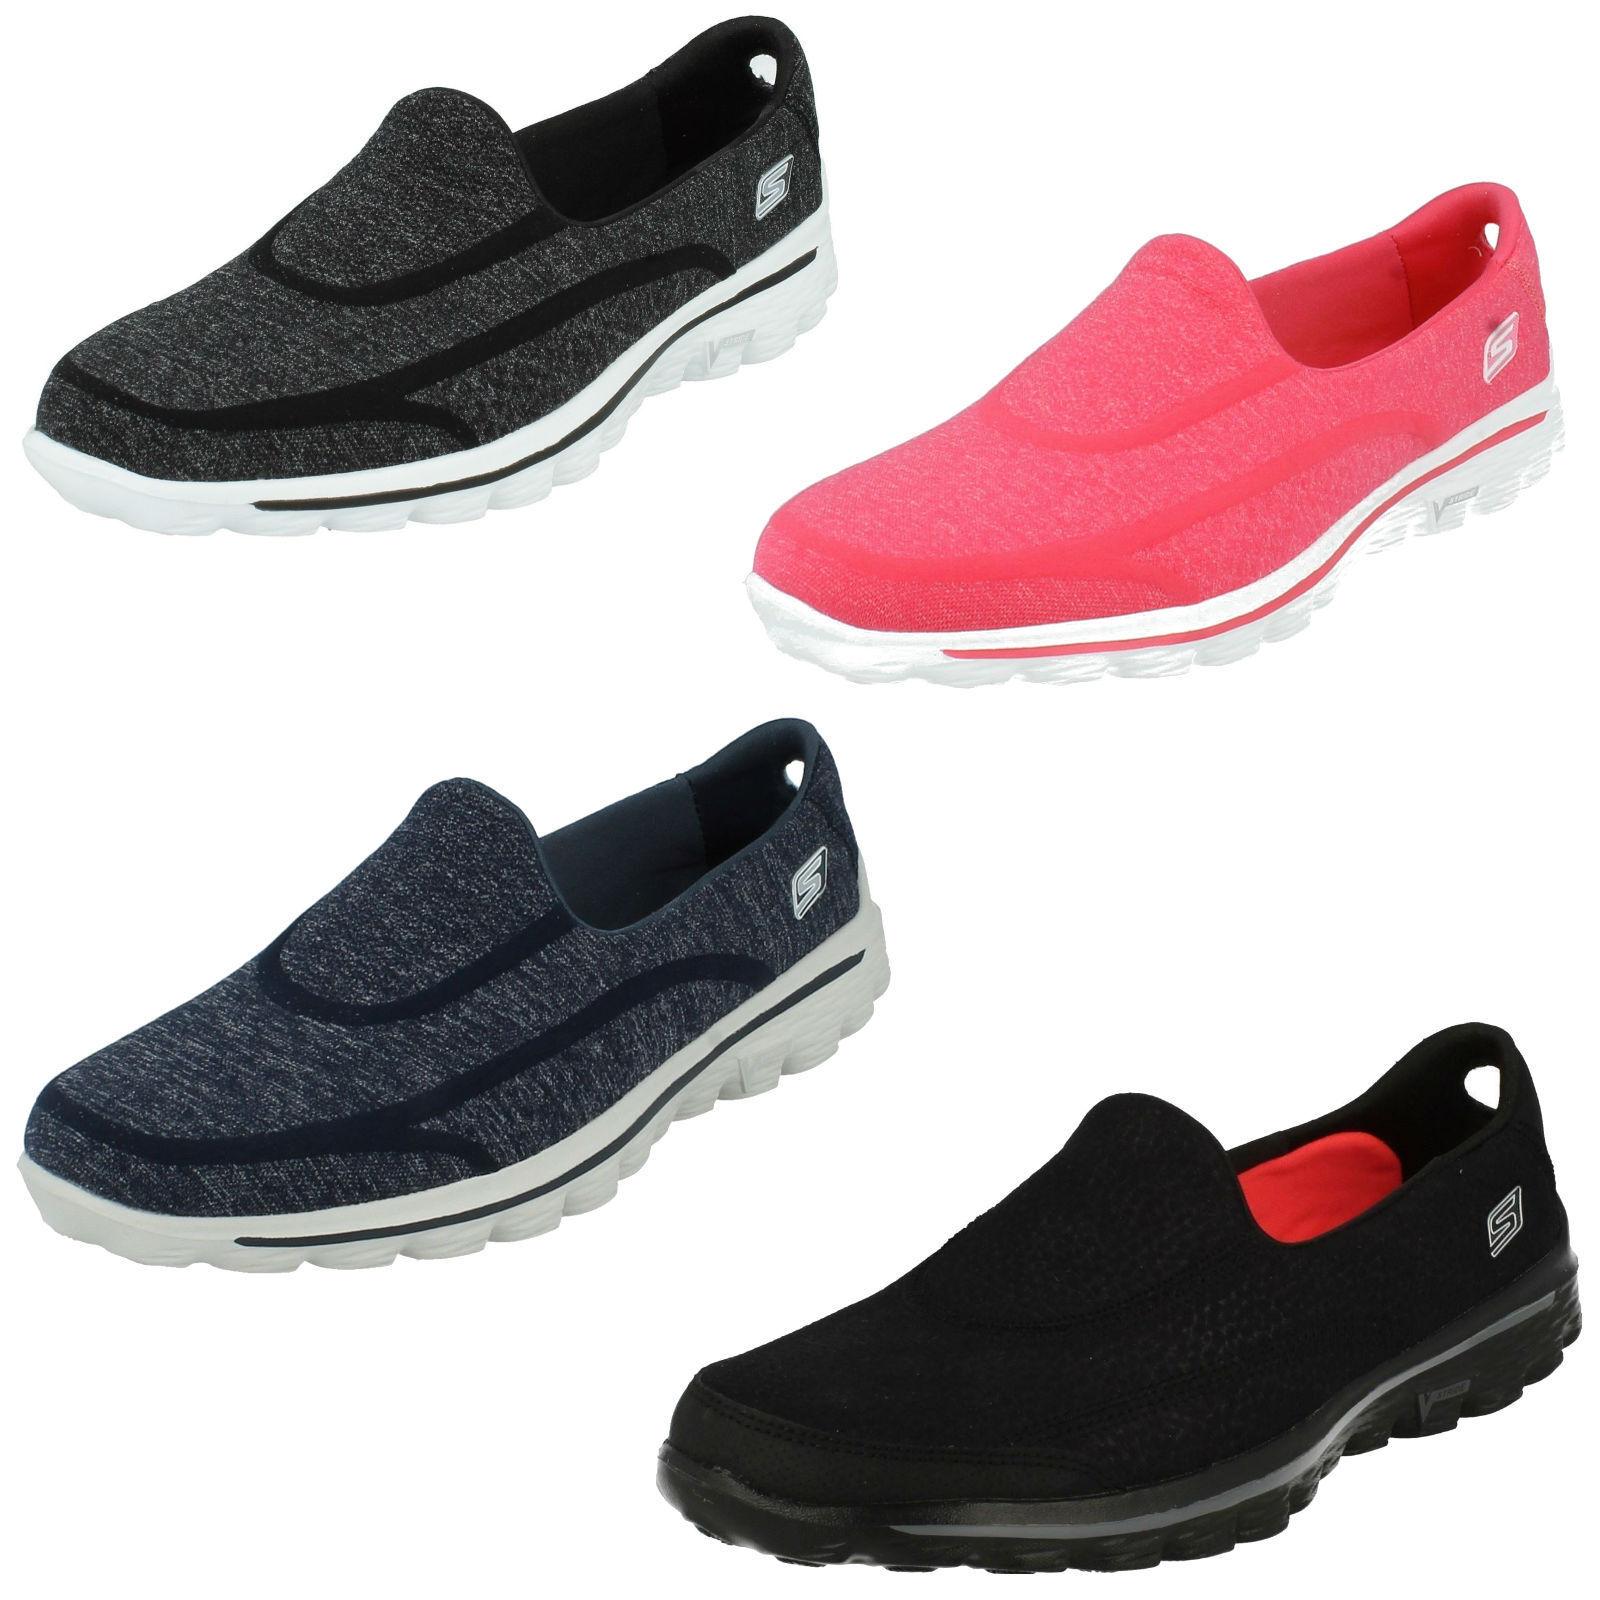 opciones a bajo precio Skechers Mujer Go Walk 2 Super Sock Caminar Caminar Caminar Zapatillas para Correr Deportivas  echa un vistazo a los más baratos